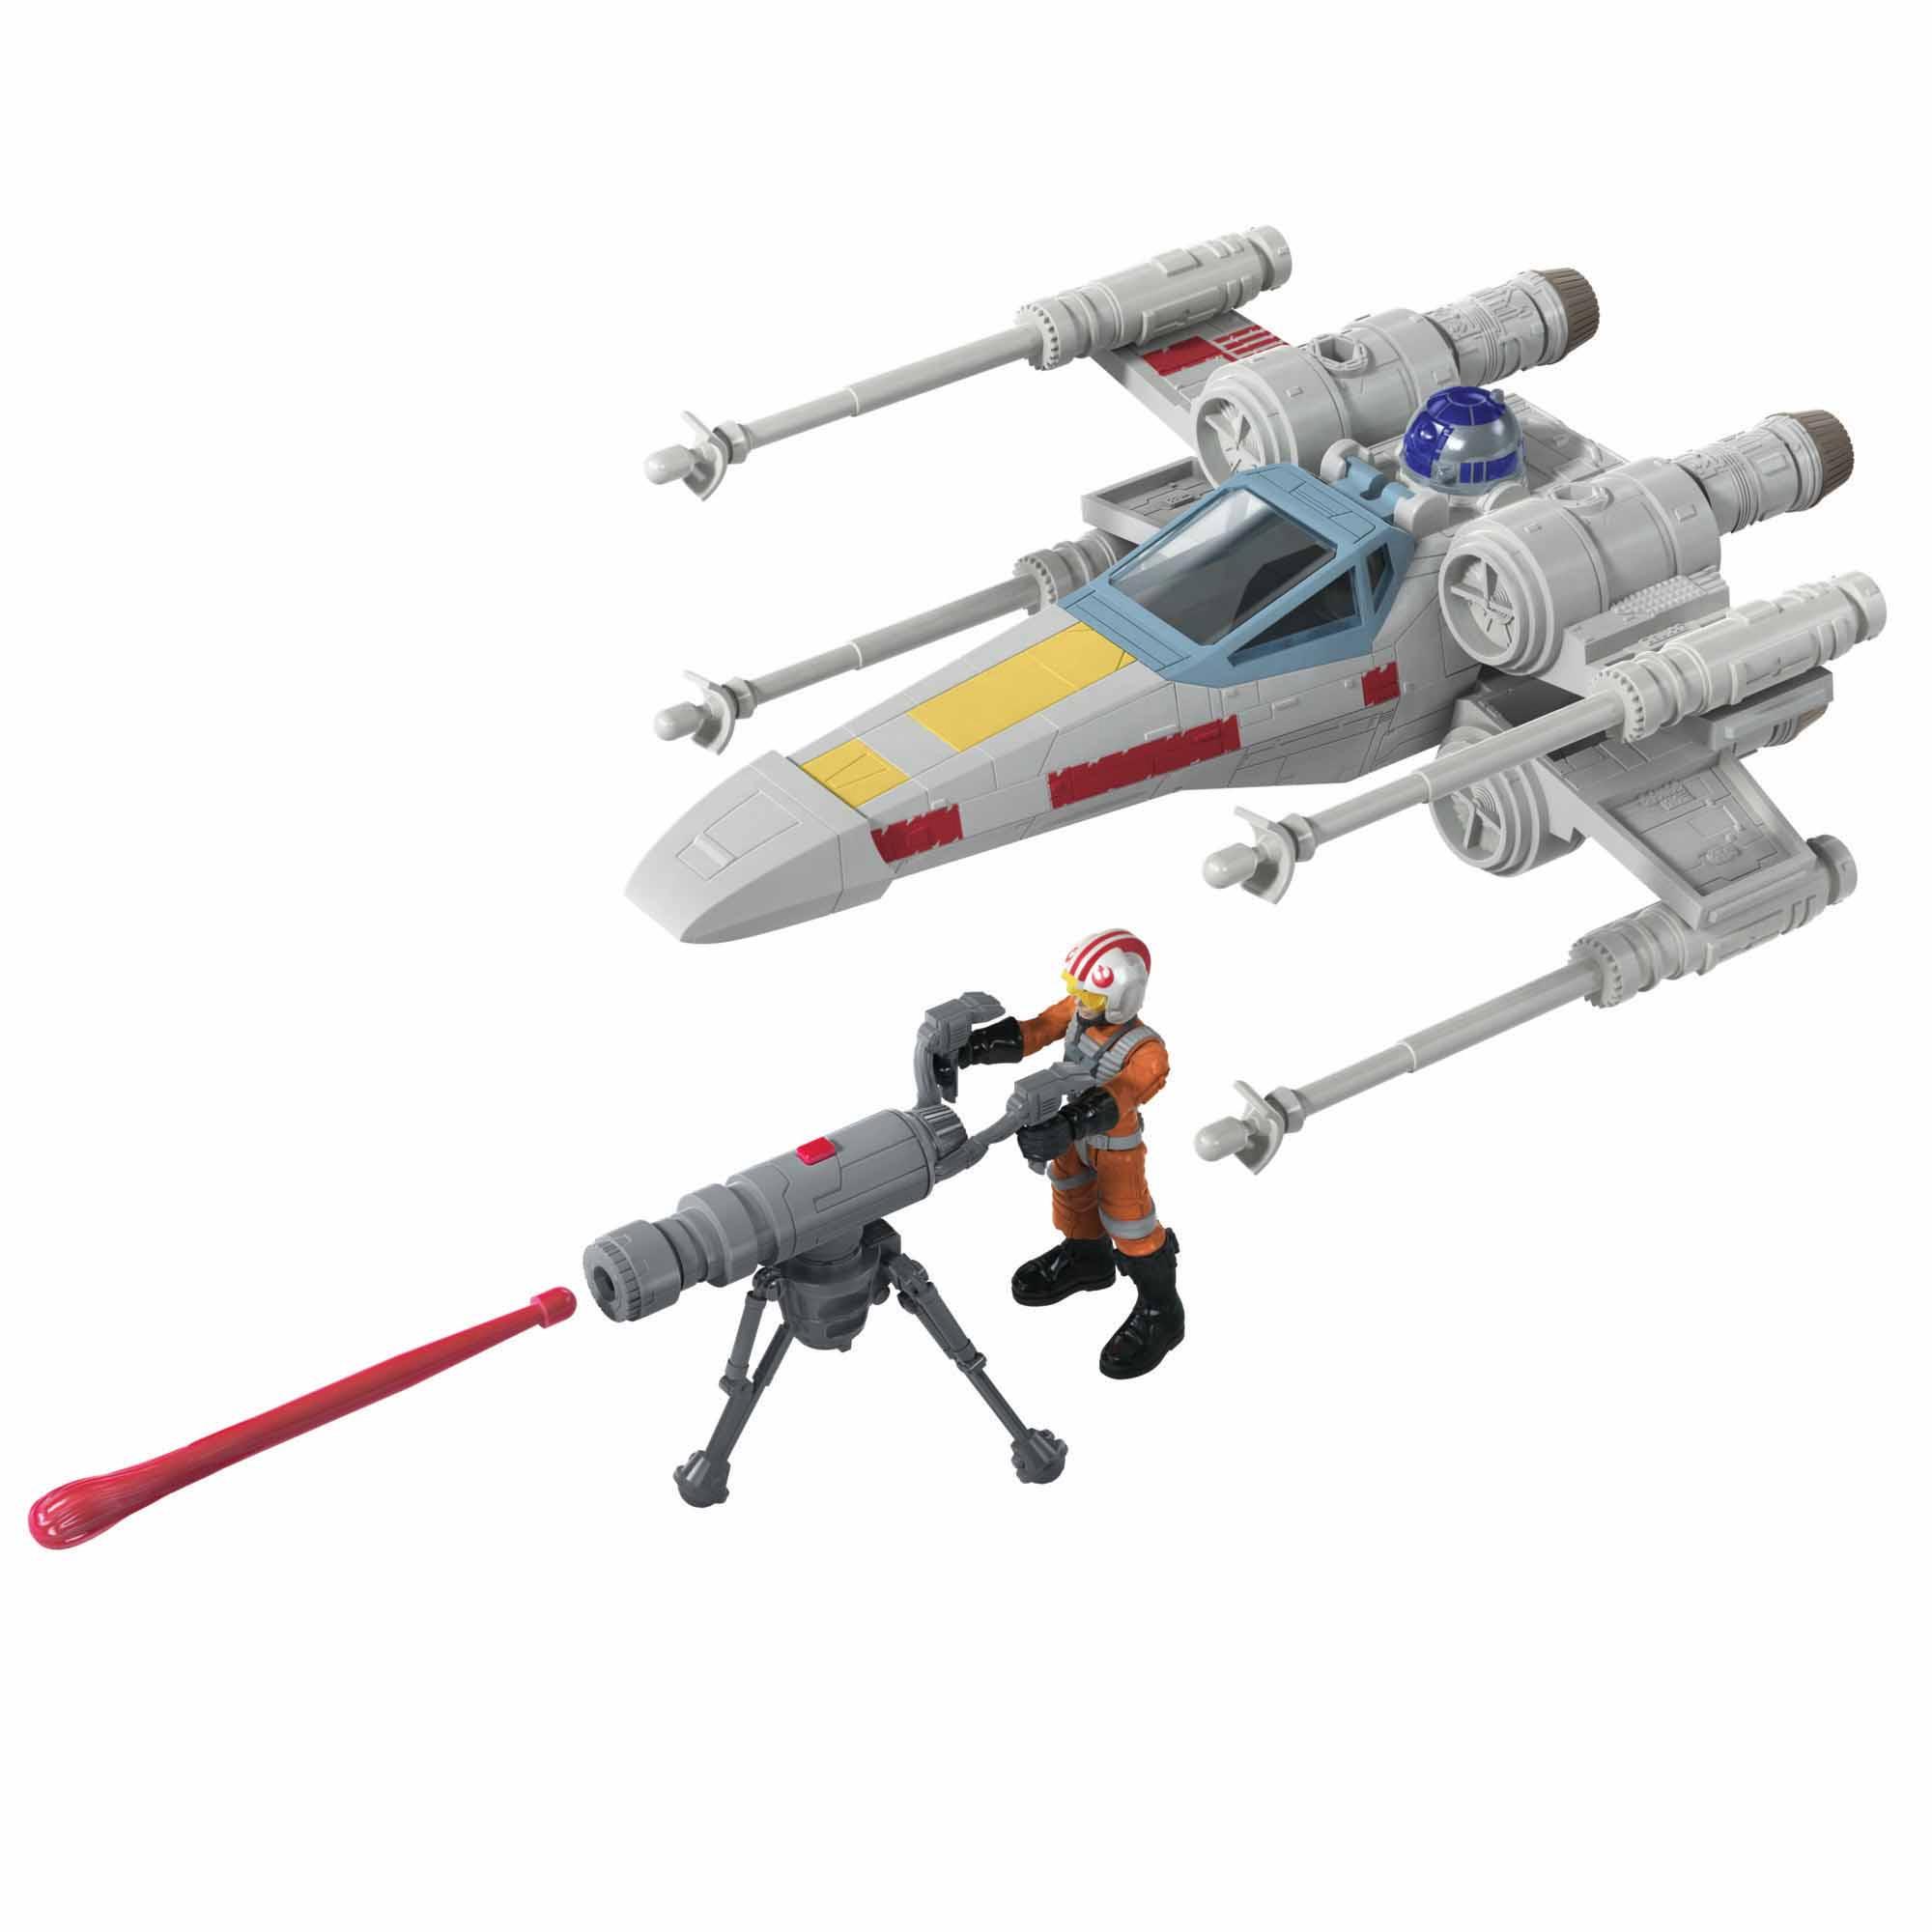 Star Wars Mission Fleet Luke Skywalker X-wing